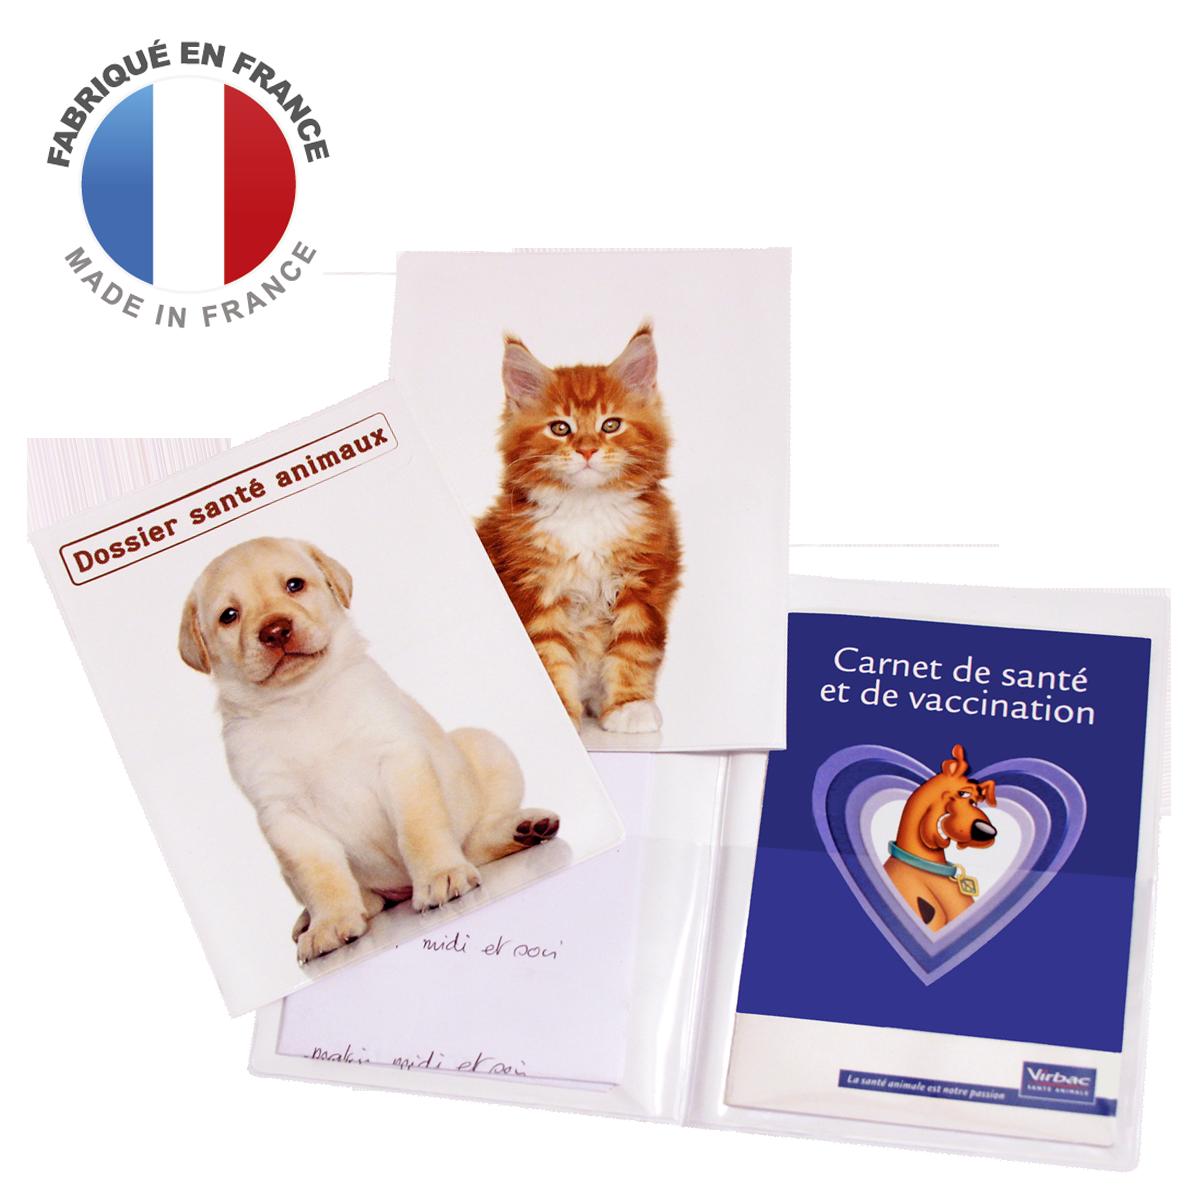 Ref. 1307 - Pochette carnet de santé animaux - Impression numérique